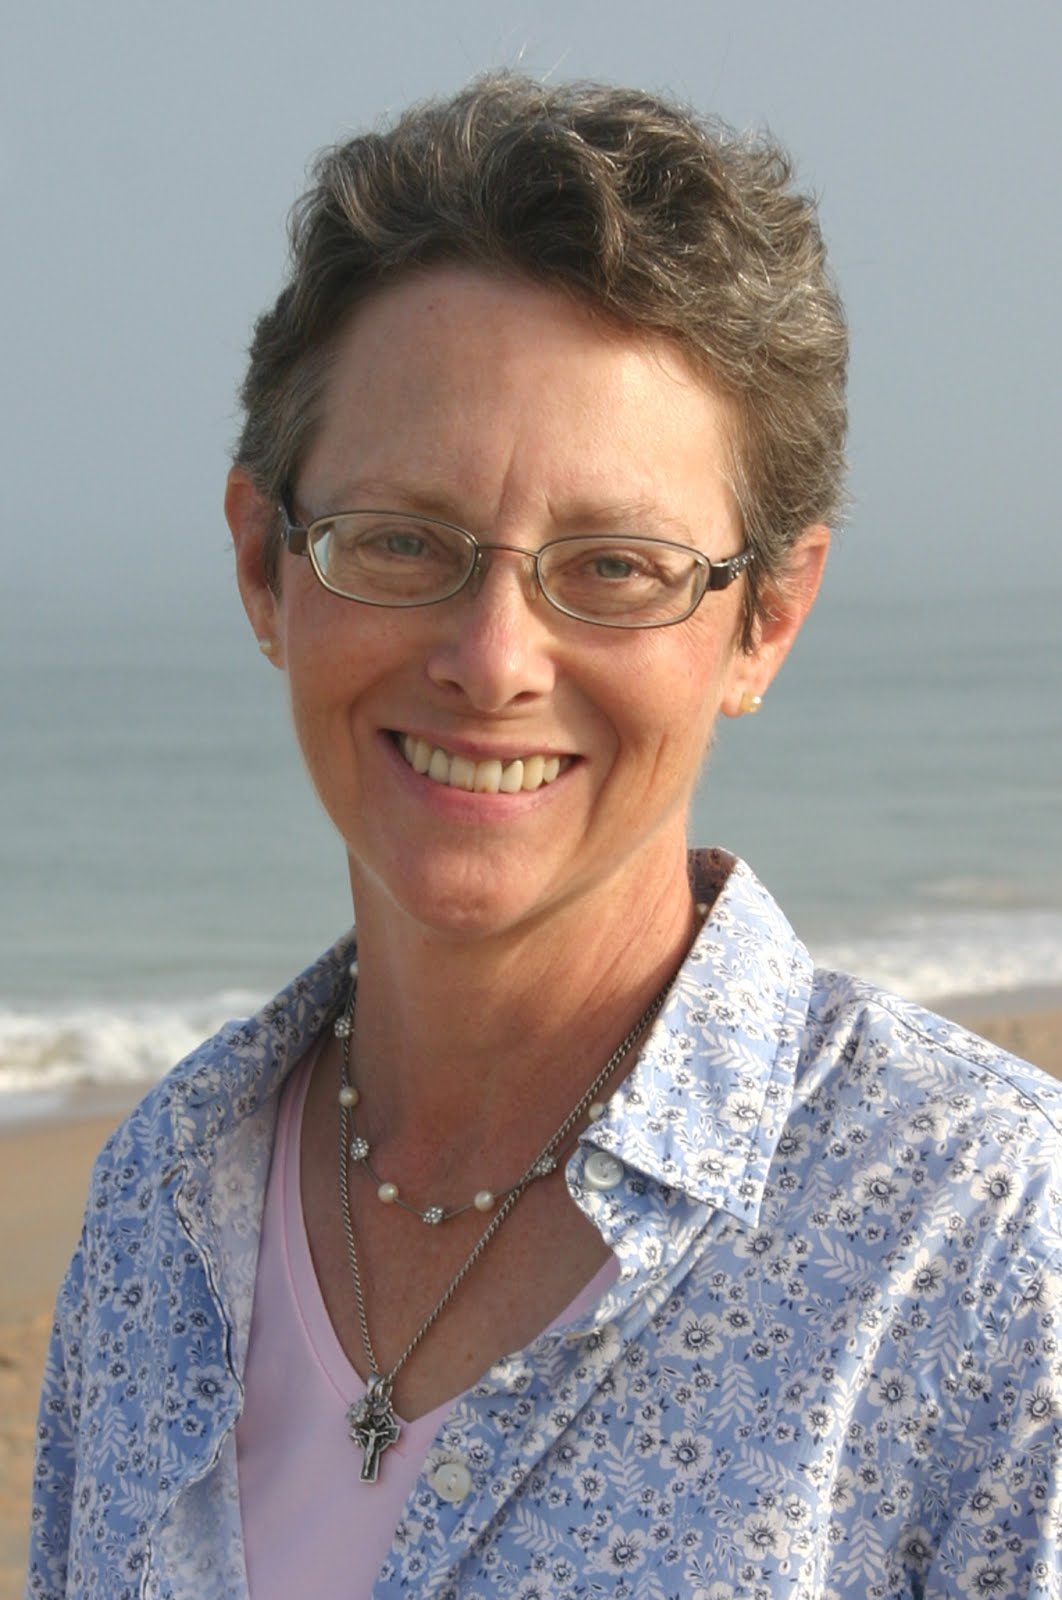 Ann Maureen Doyle